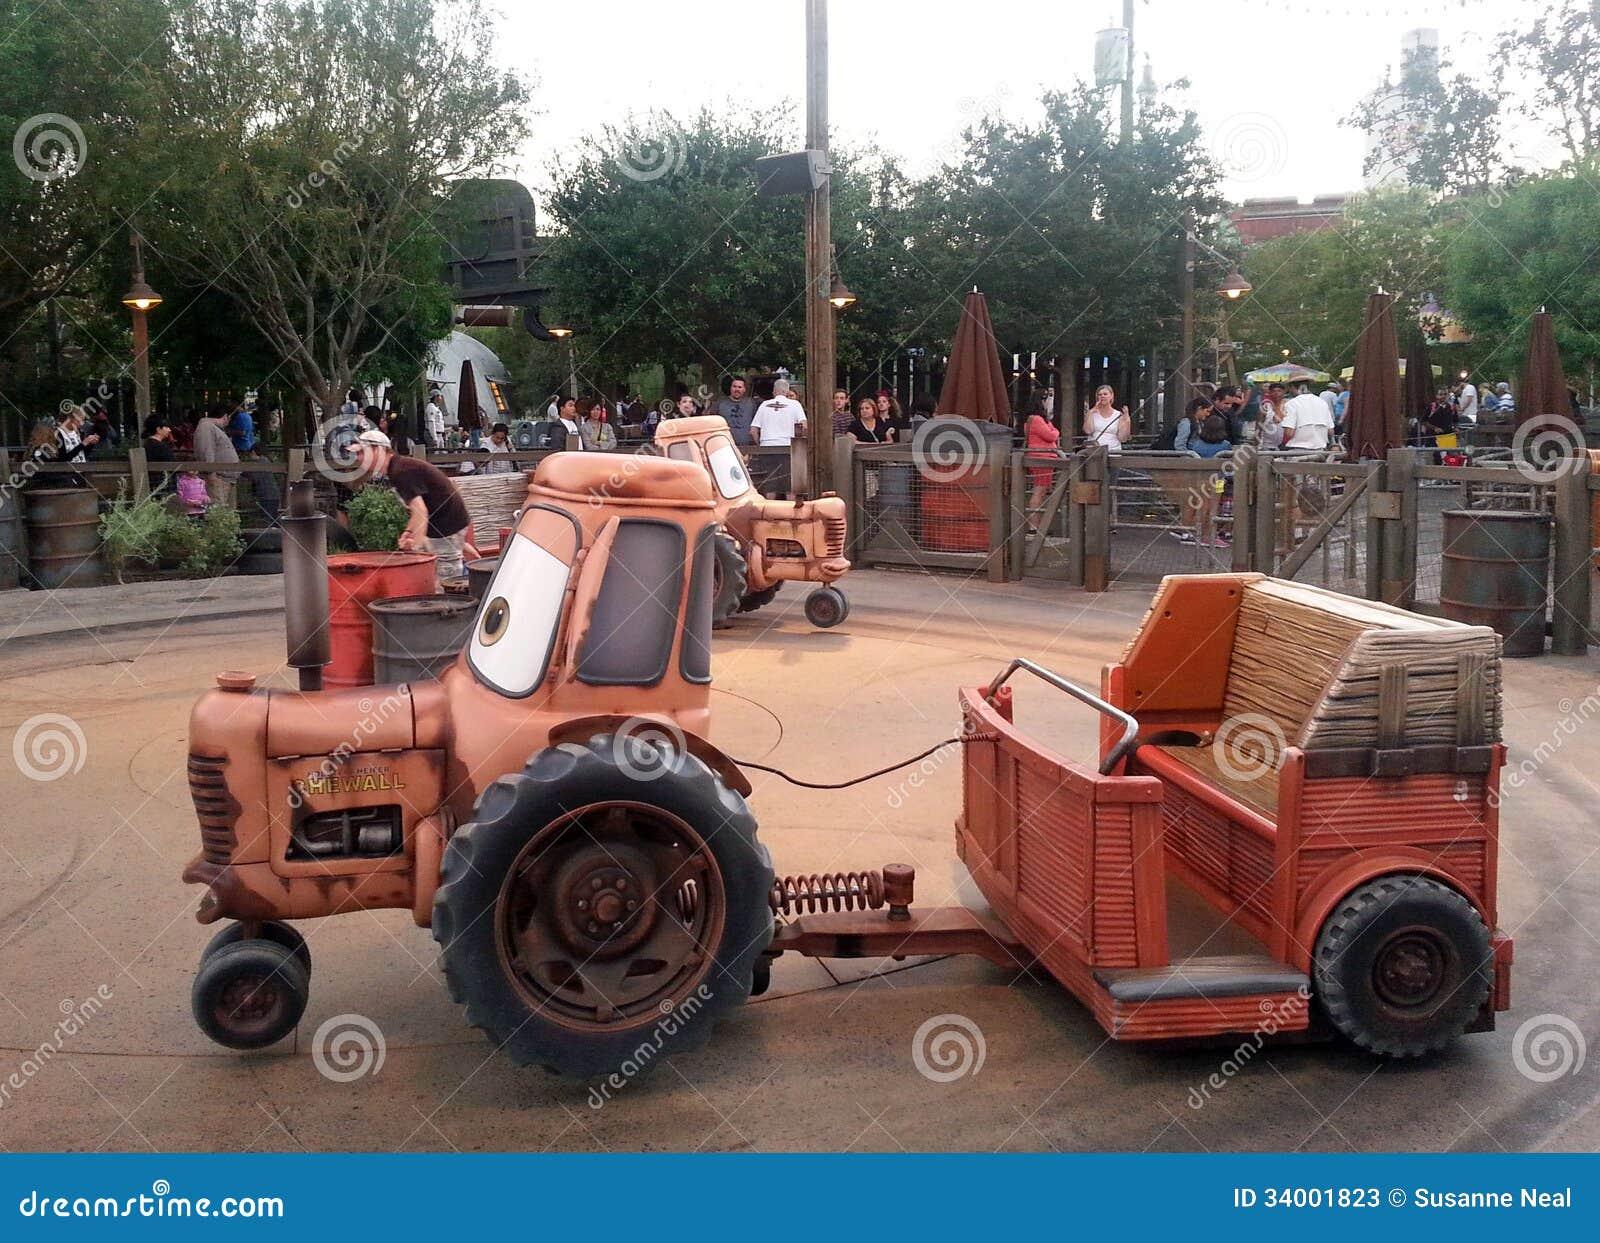 Tow Maters Junkyard Jamboree Ride At Disneys Calif Editorial Stock ...